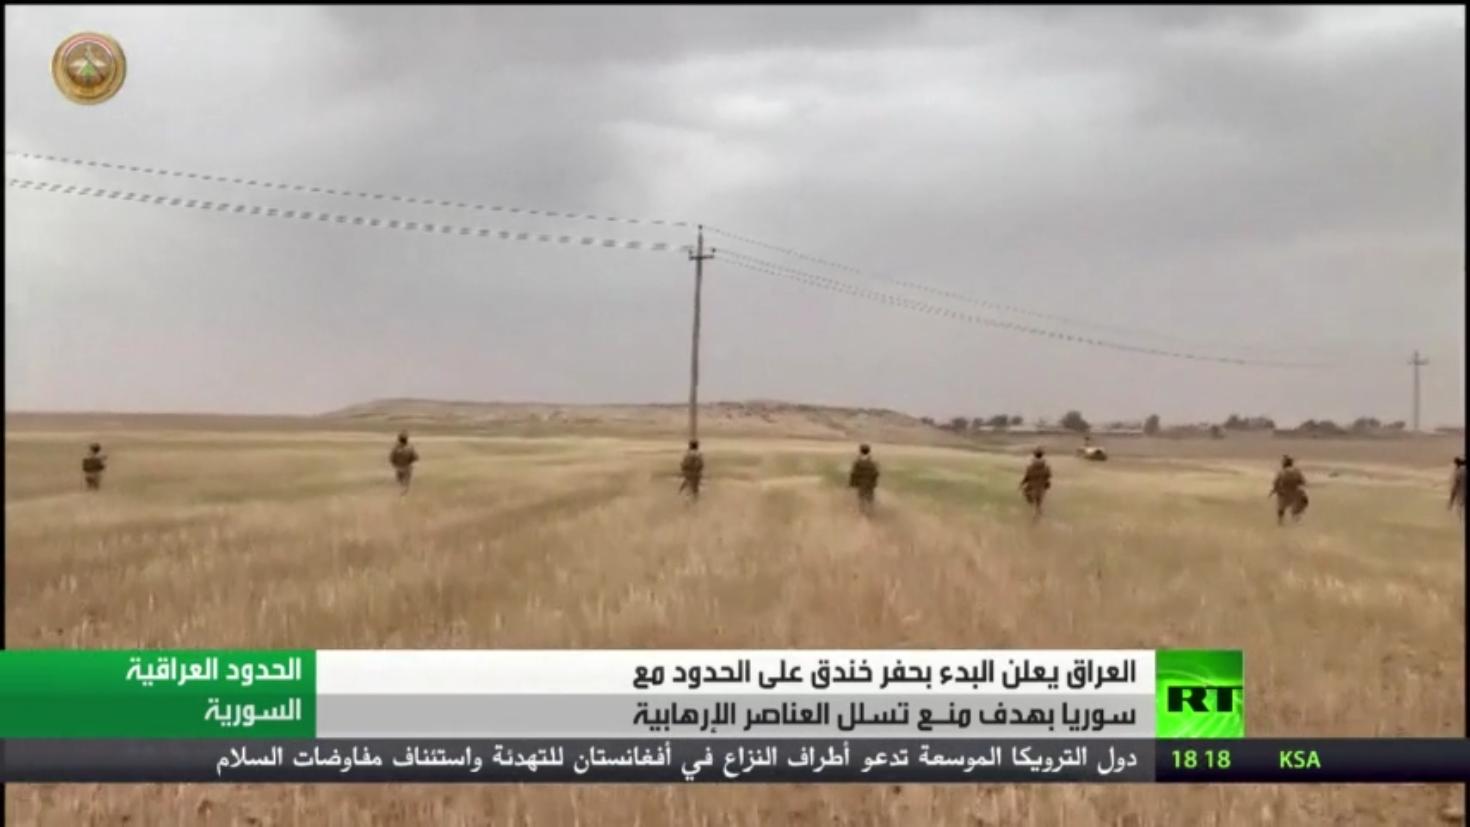 خندق بين العراق وسوريا لمنع تسلل الإرهابيين